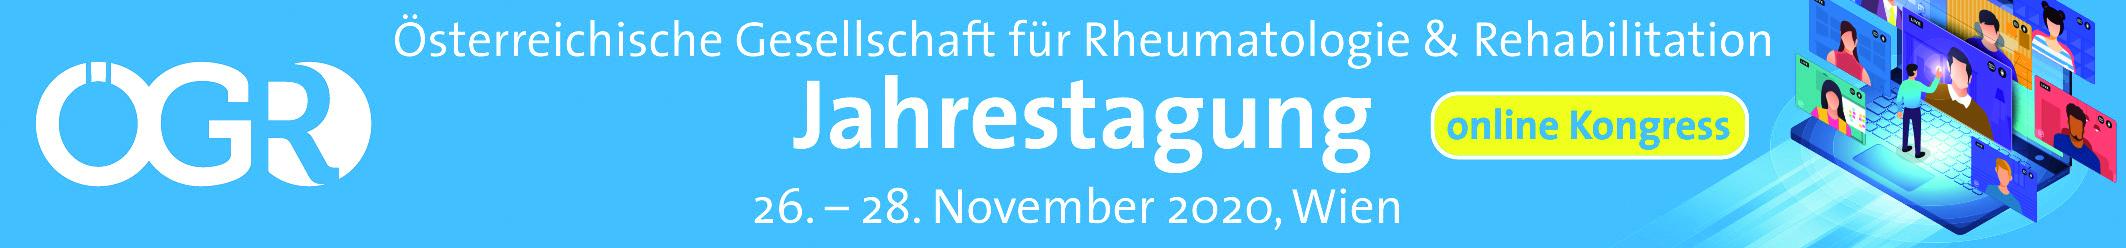 Jahrestagung der Österreichischen Gesellschaft für Rheumatologie & Rehabilitation